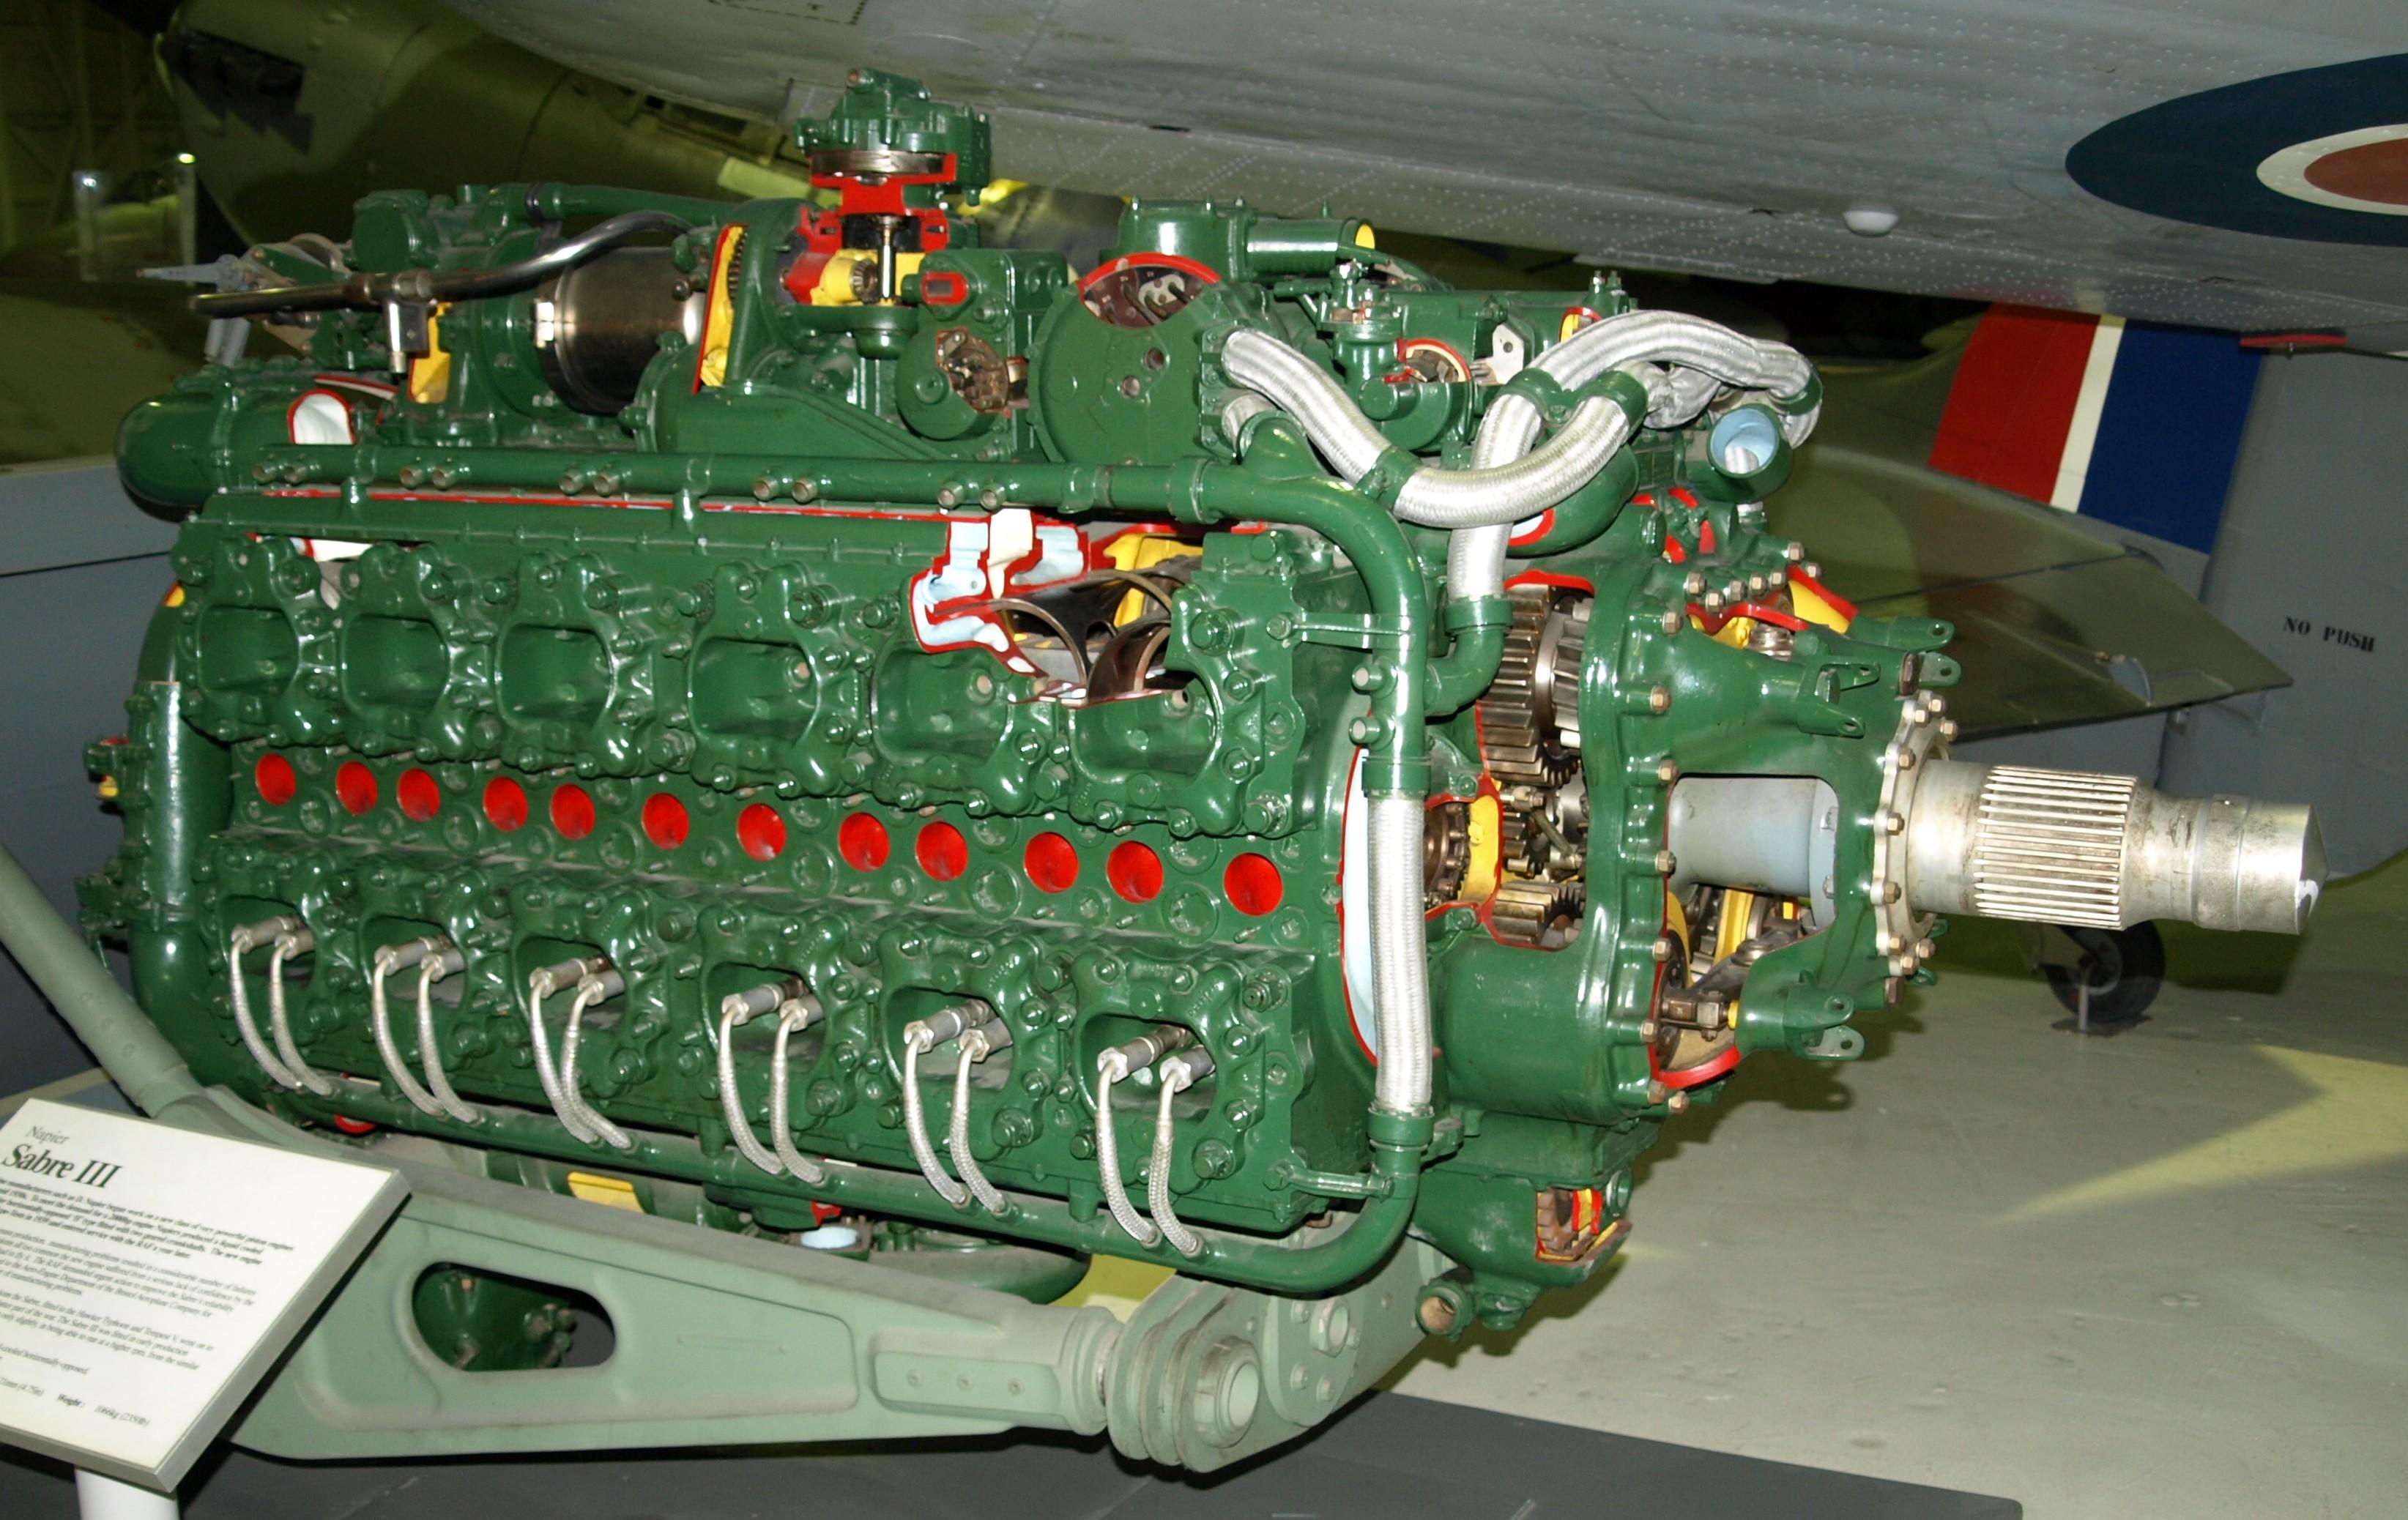 Tempest Eduard 1/48 Limited Edition + Kit résine moteur - Page 2 NapierSabreIII